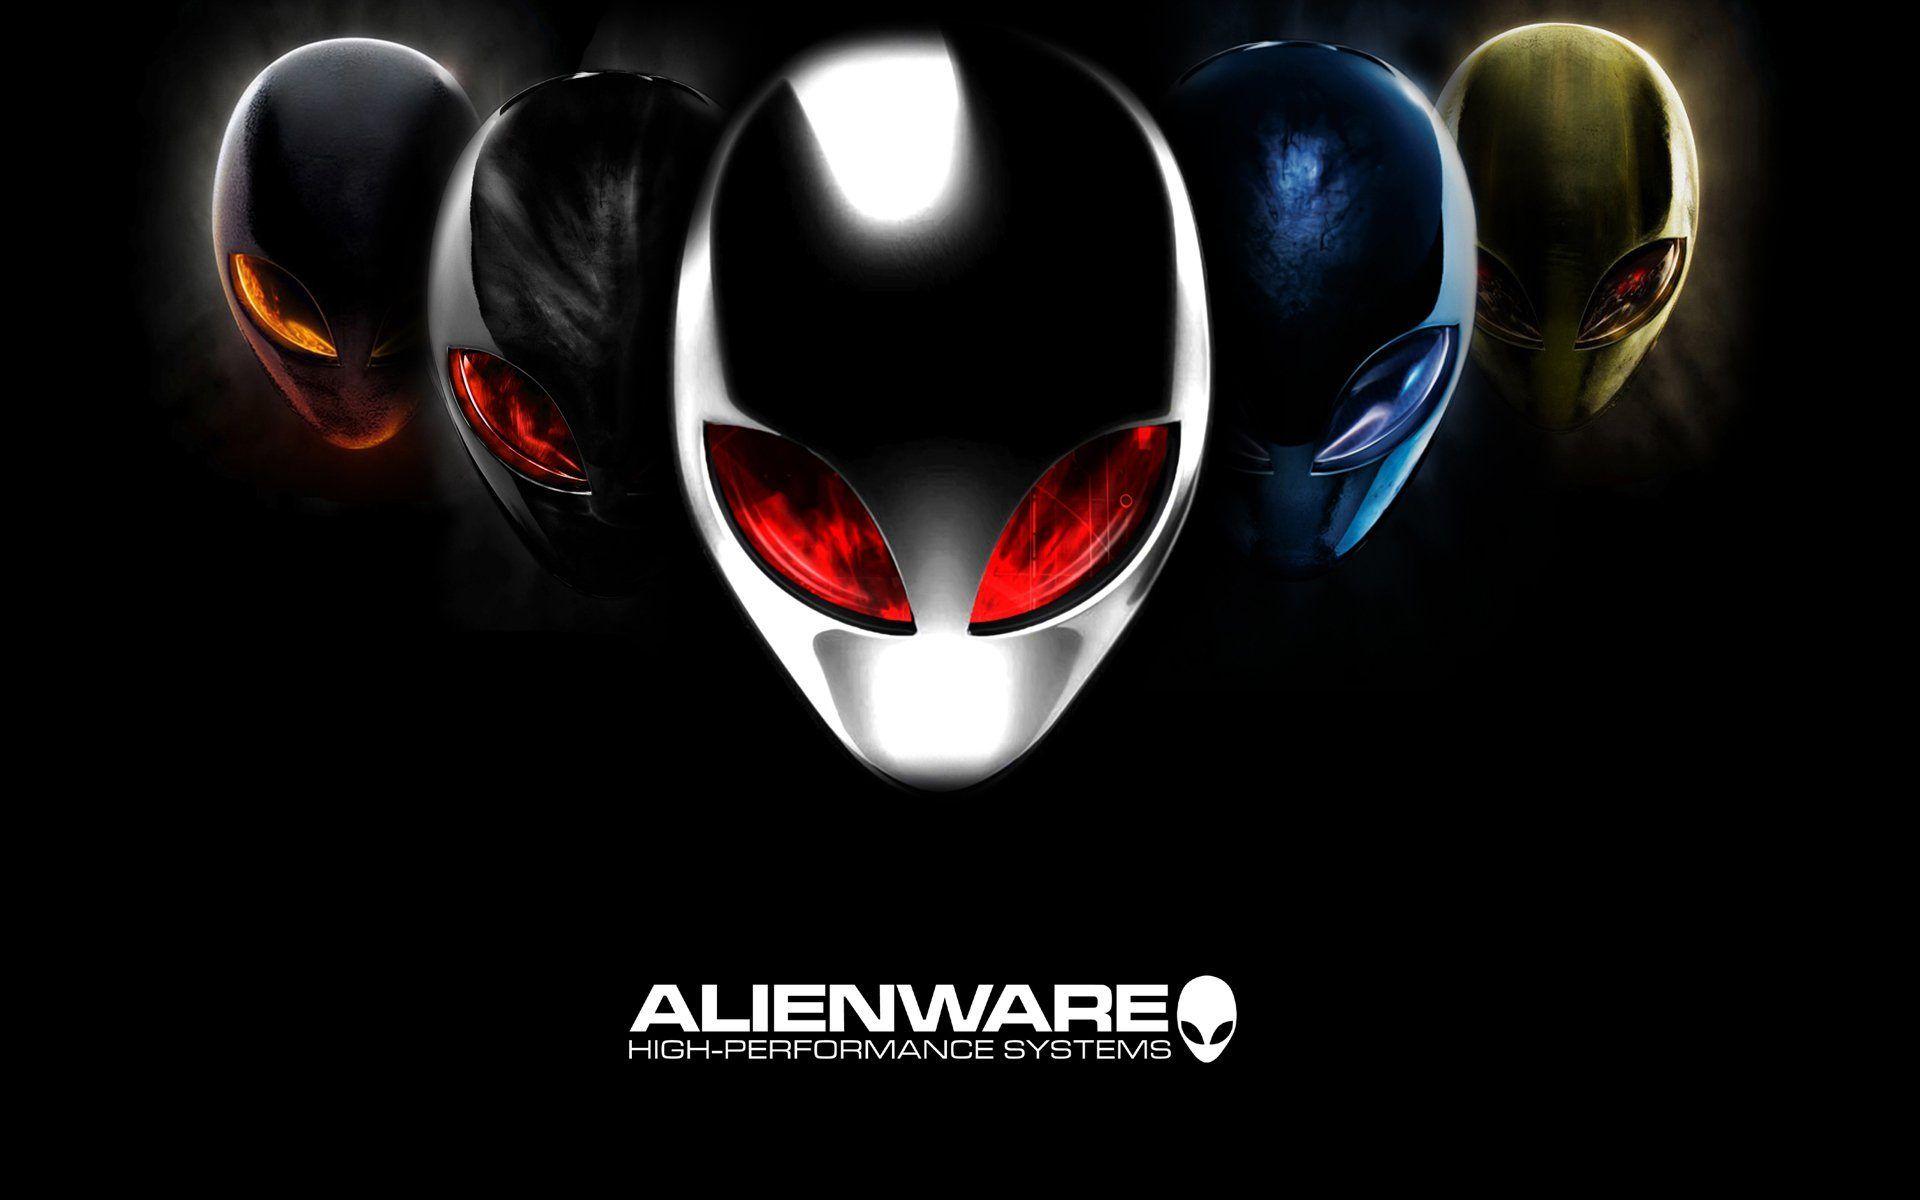 Alienware wallpaper download for desktop of alienware logo alienware wallpaper download for desktop of alienware logo voltagebd Choice Image